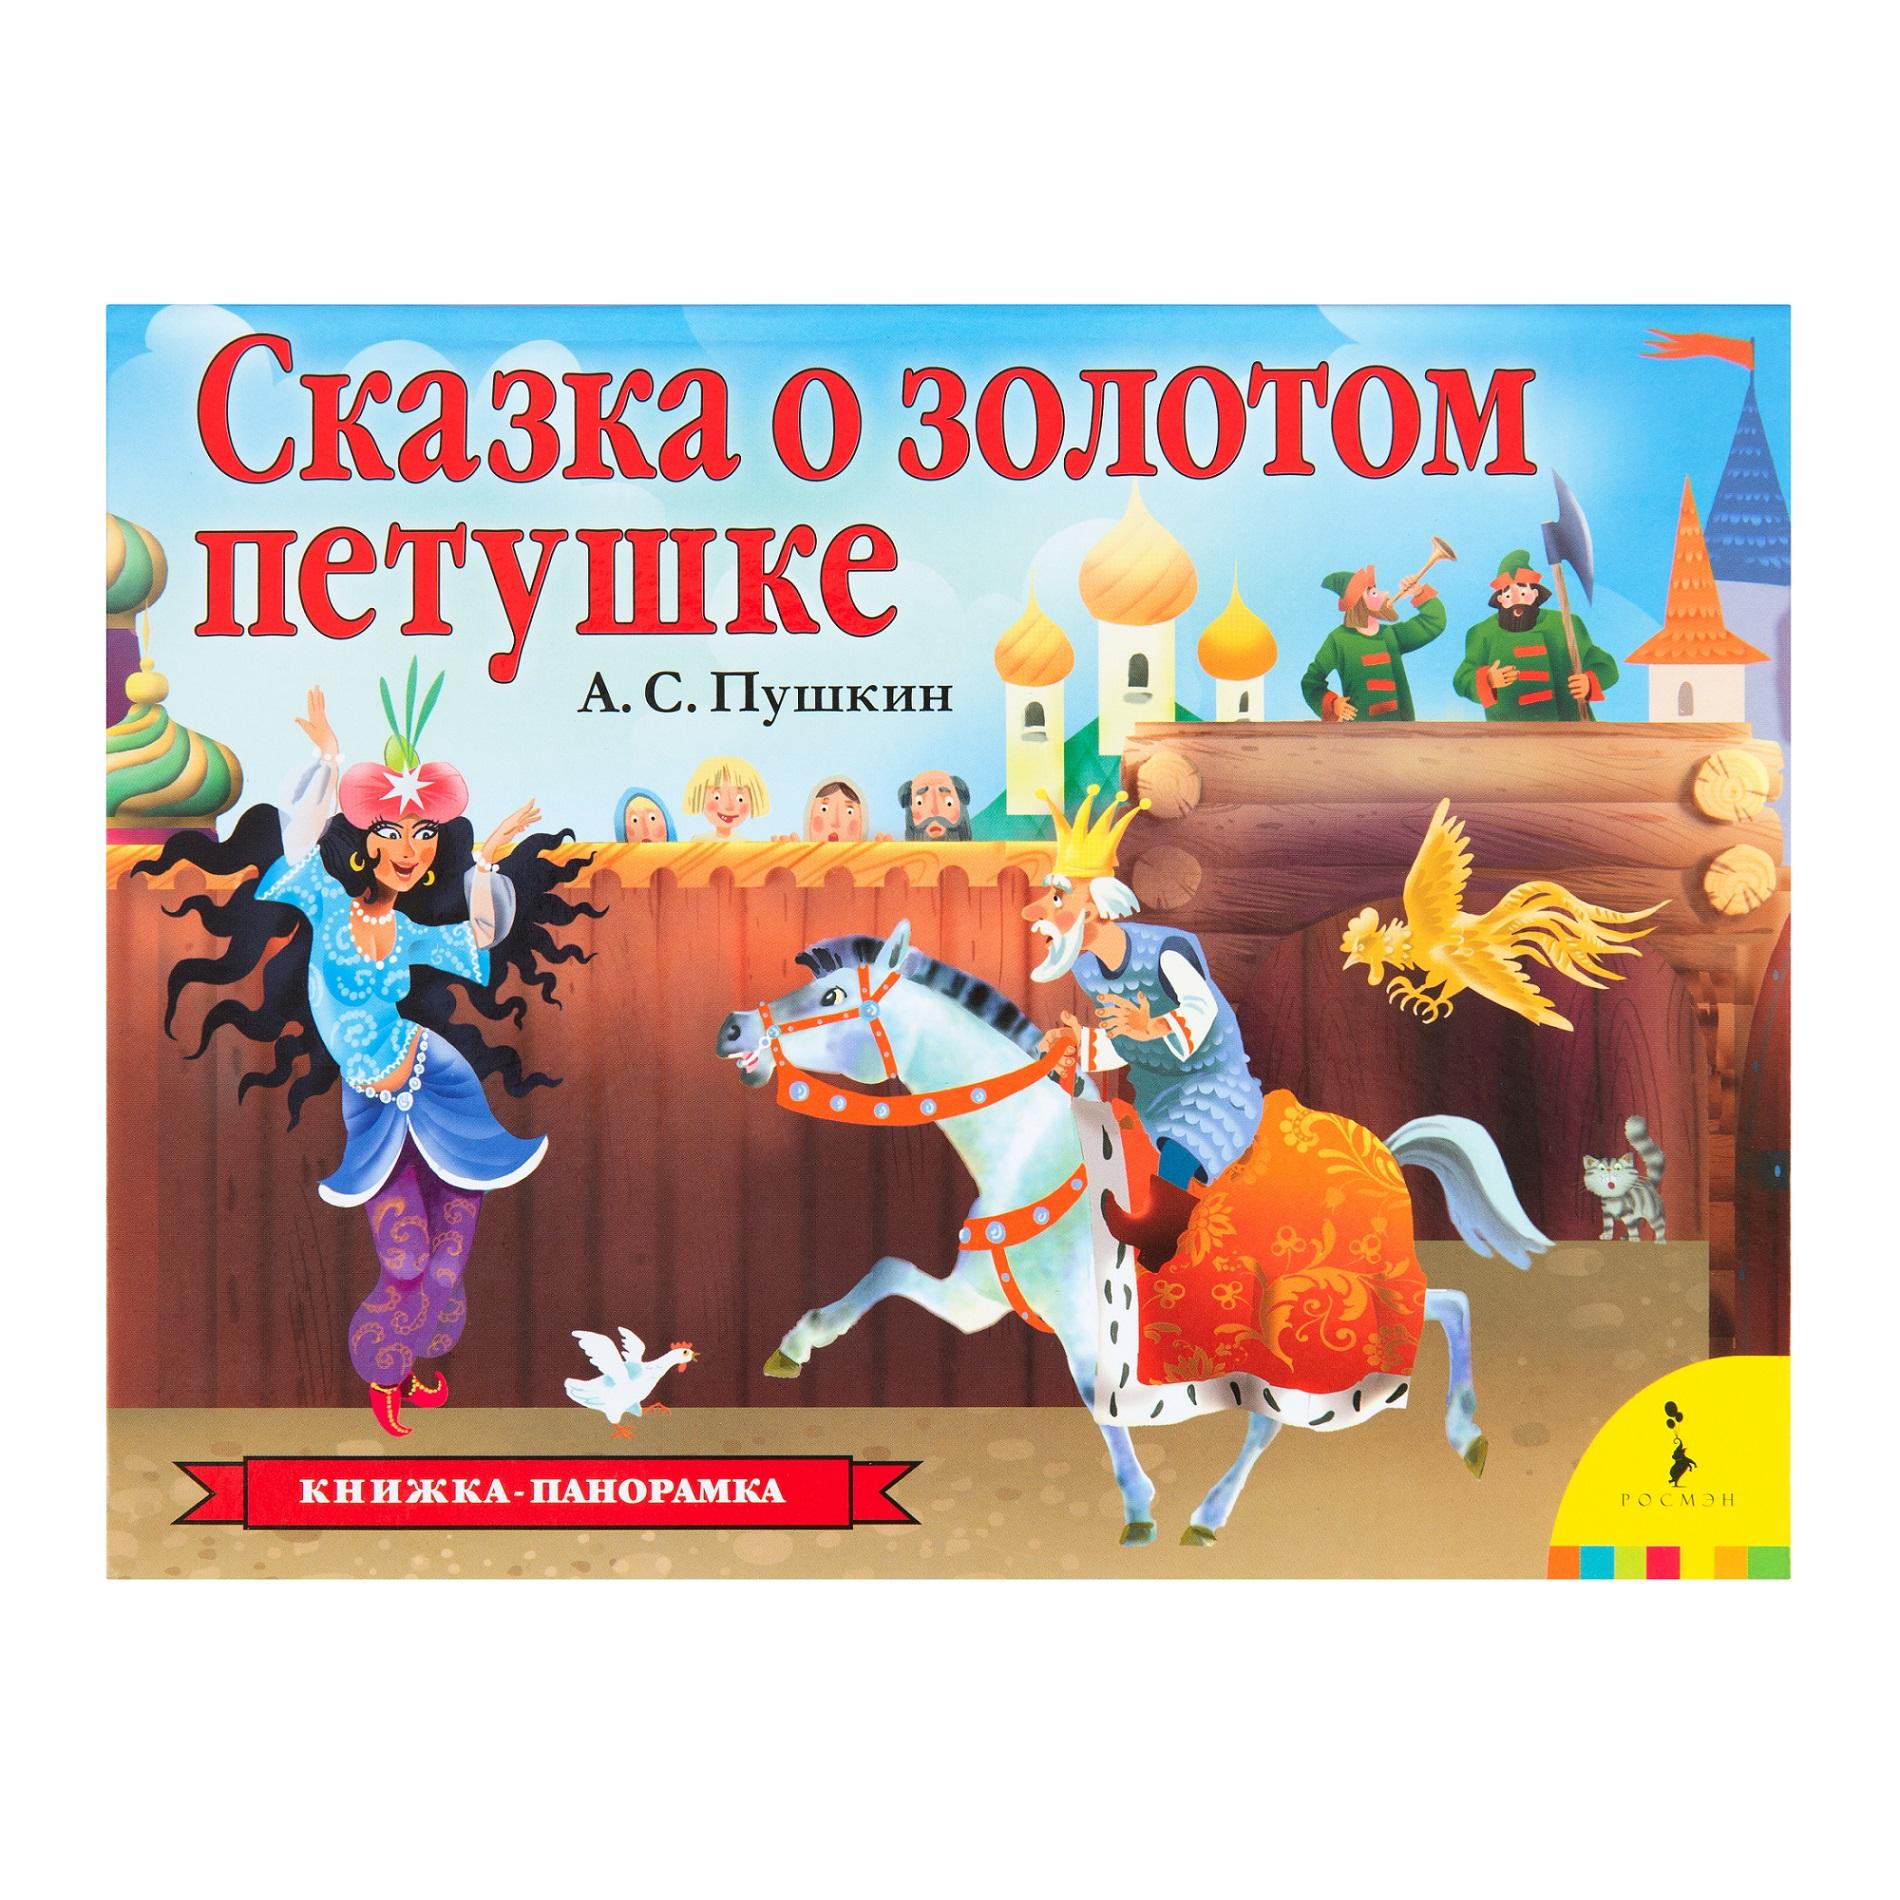 Сказка о золотом петушке (панорамка) (рос)